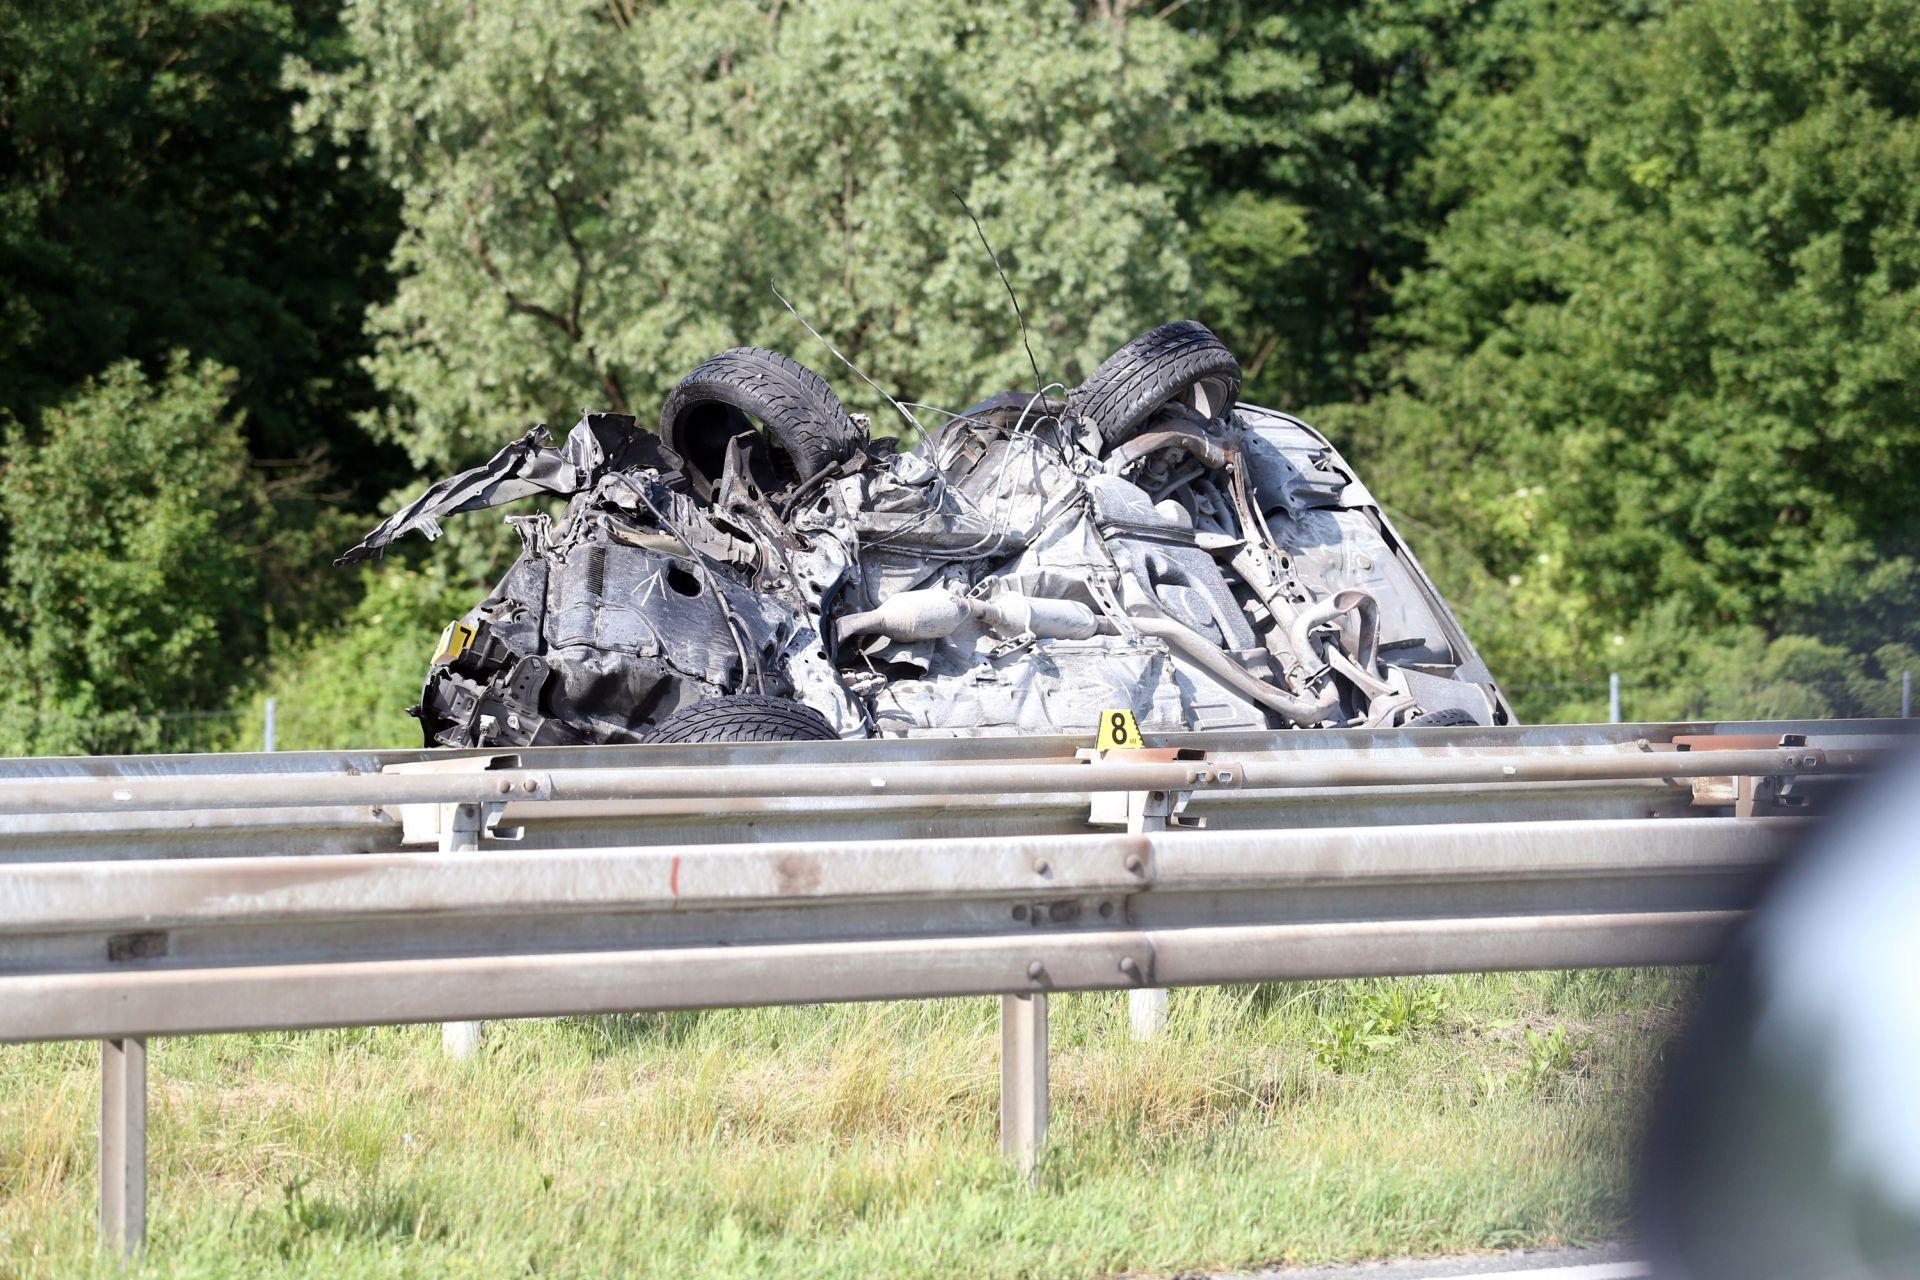 NOVI DETALJI NESREĆE: Vozio u suprotnom smjeru, na autocesti kod Kutine poginule tri osobe